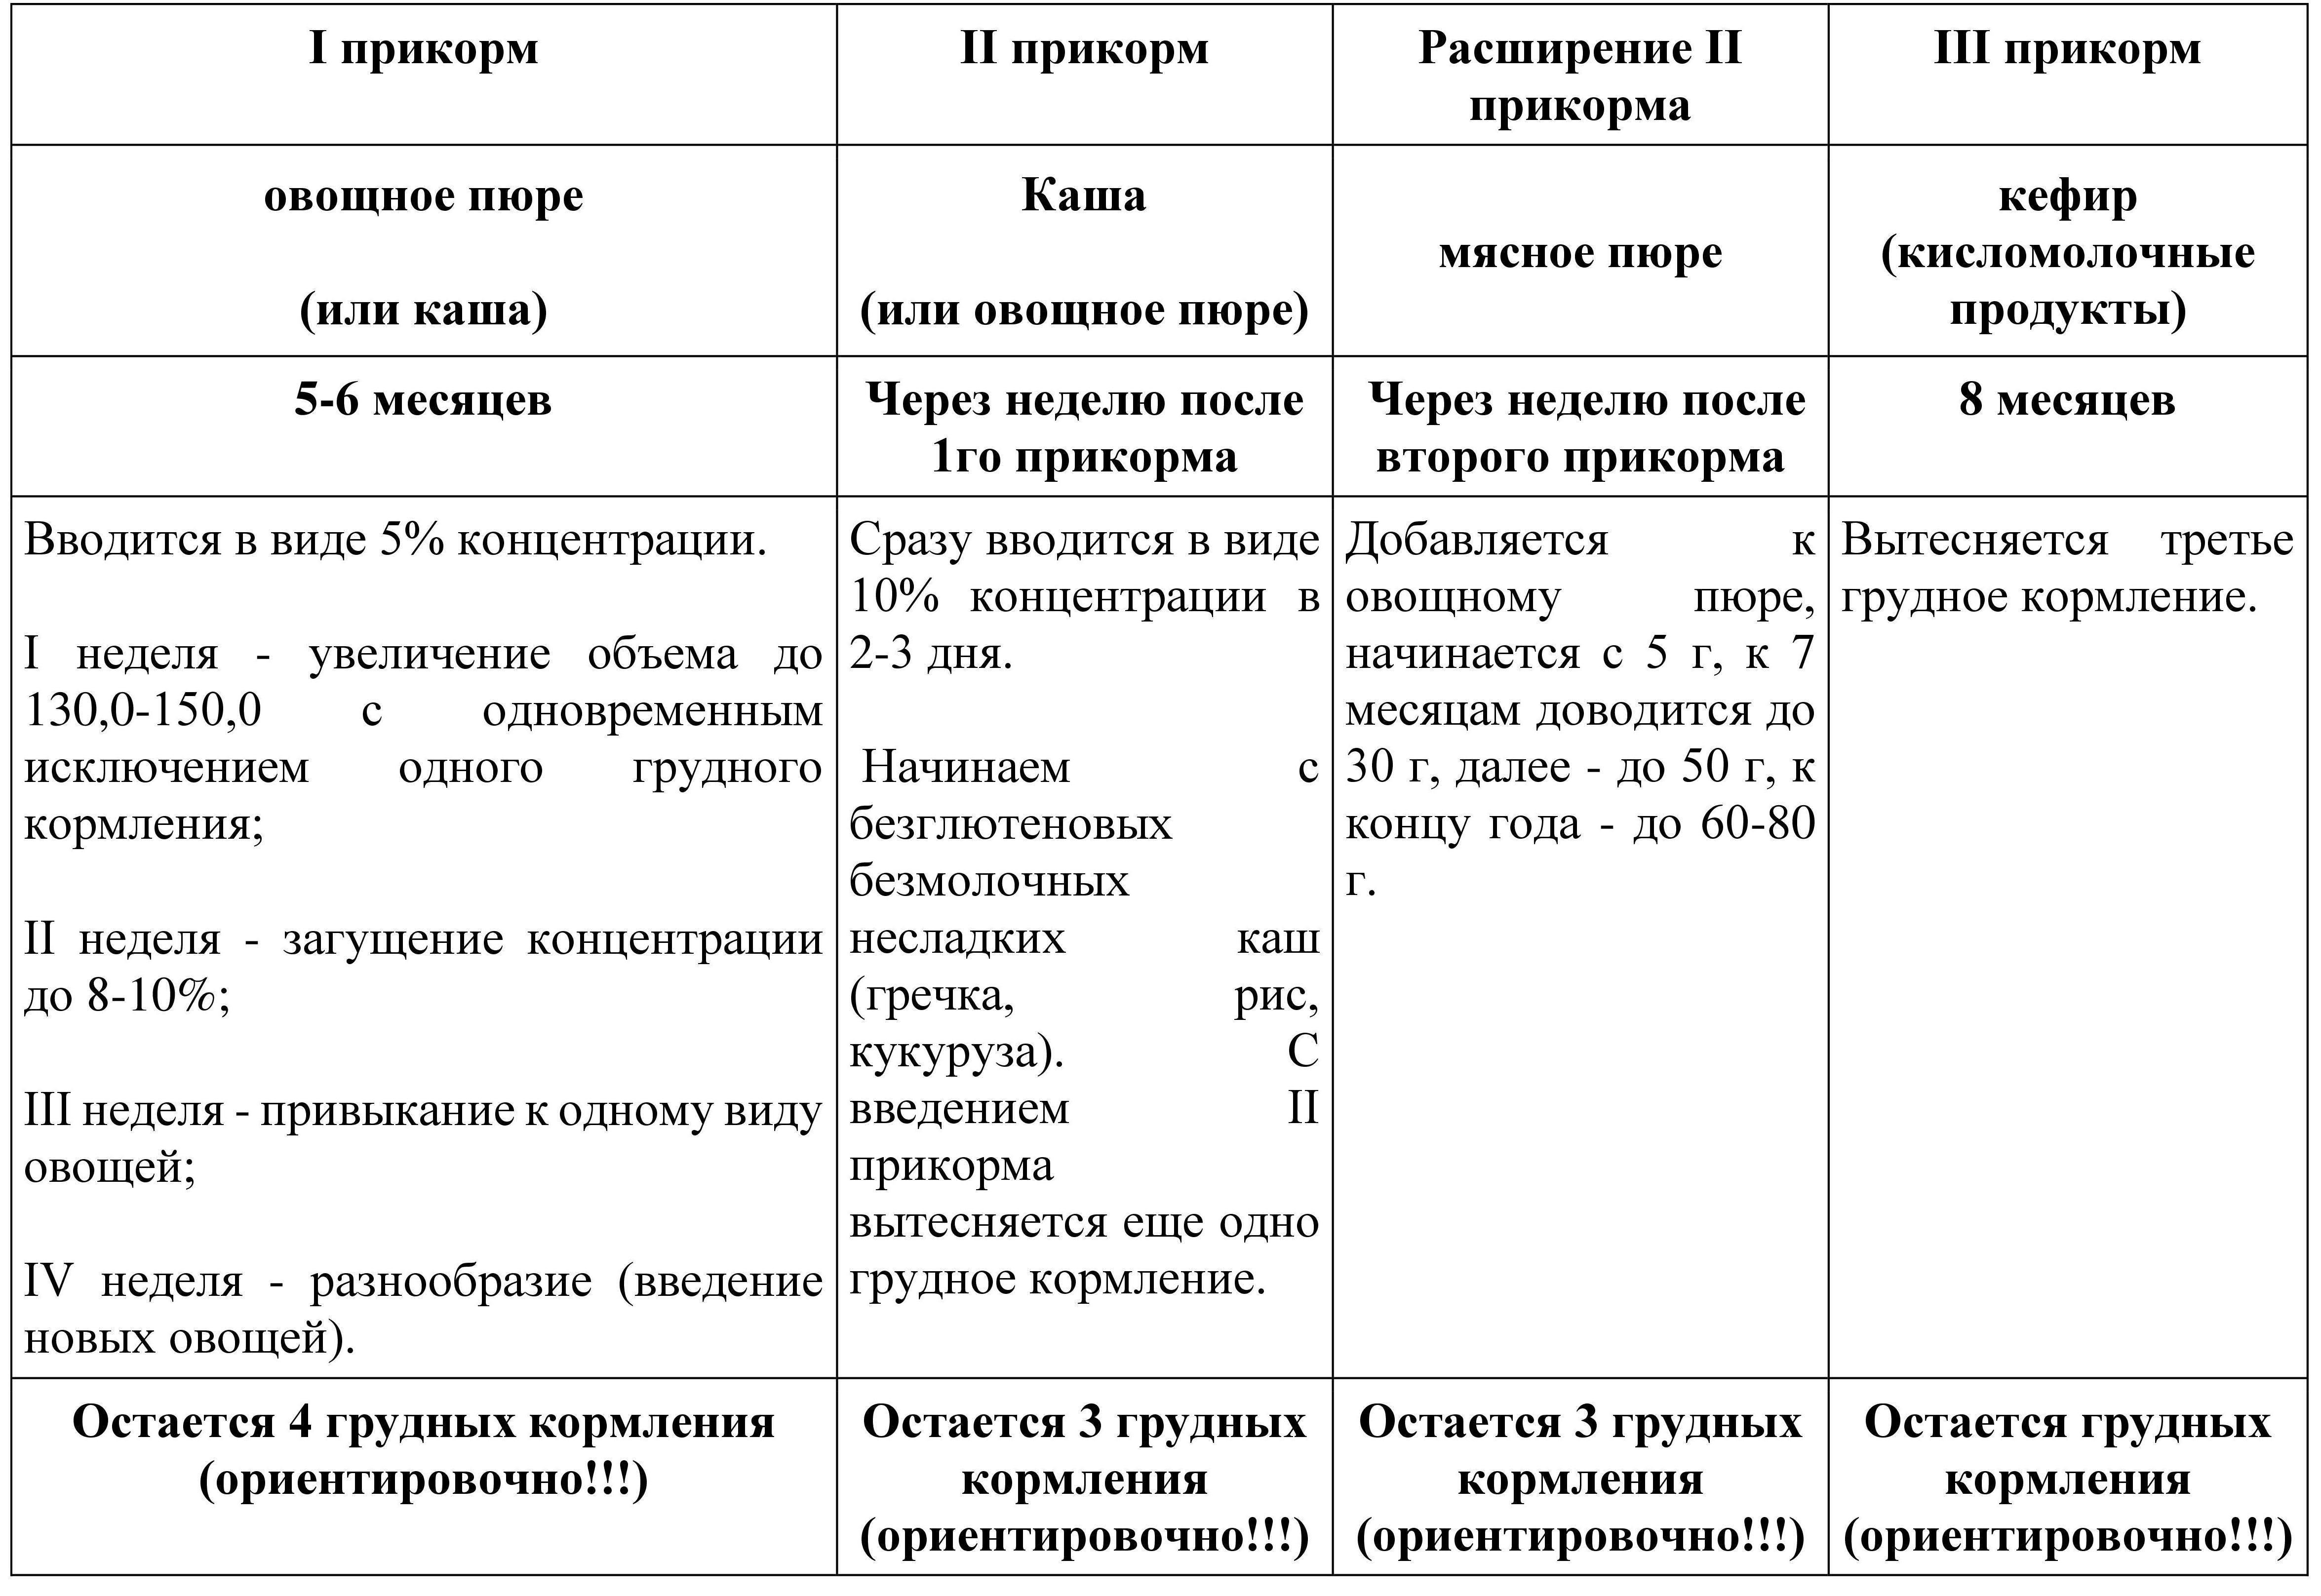 Таблица прикорма